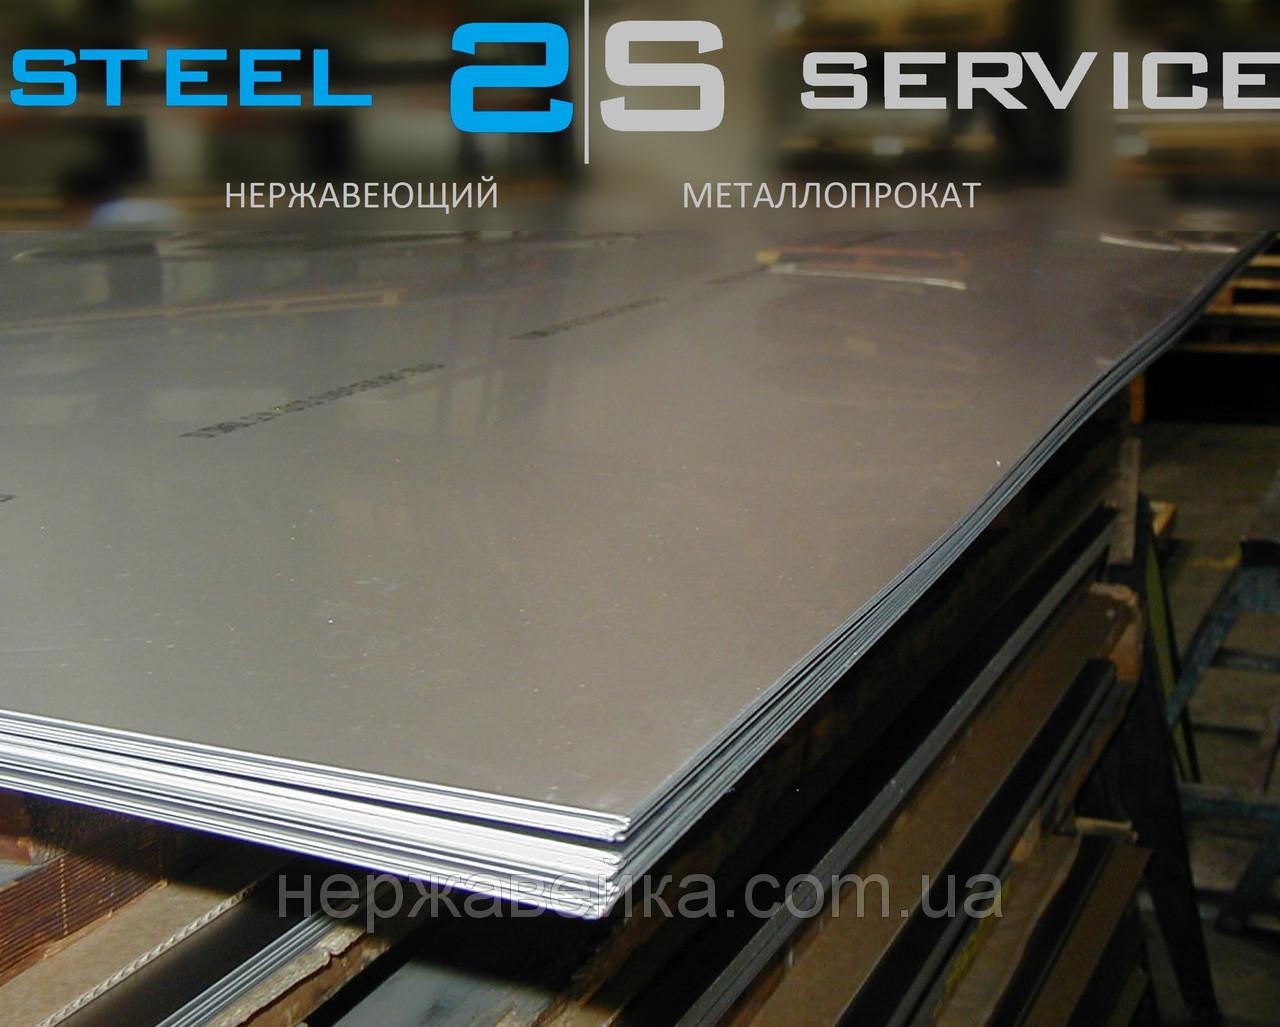 Нержавейка лист 20х1500х3000мм  AISI 309(20Х23Н13, 20Х20Н14С2) F1 - горячекатанный,  жаропрочный